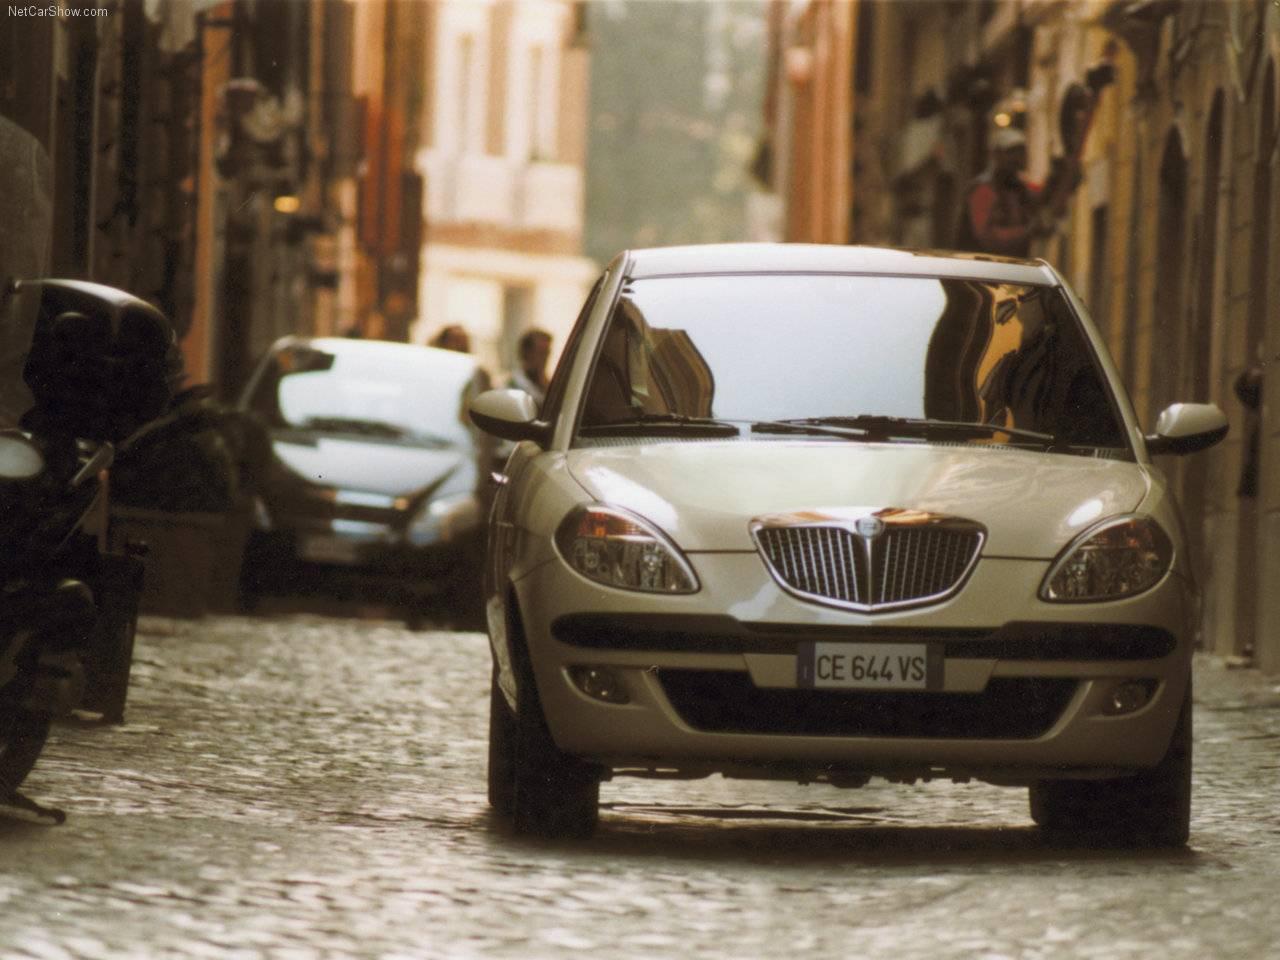 Lancia - Auto twenty-first century: 2004 Lancia Ypsilon DFN